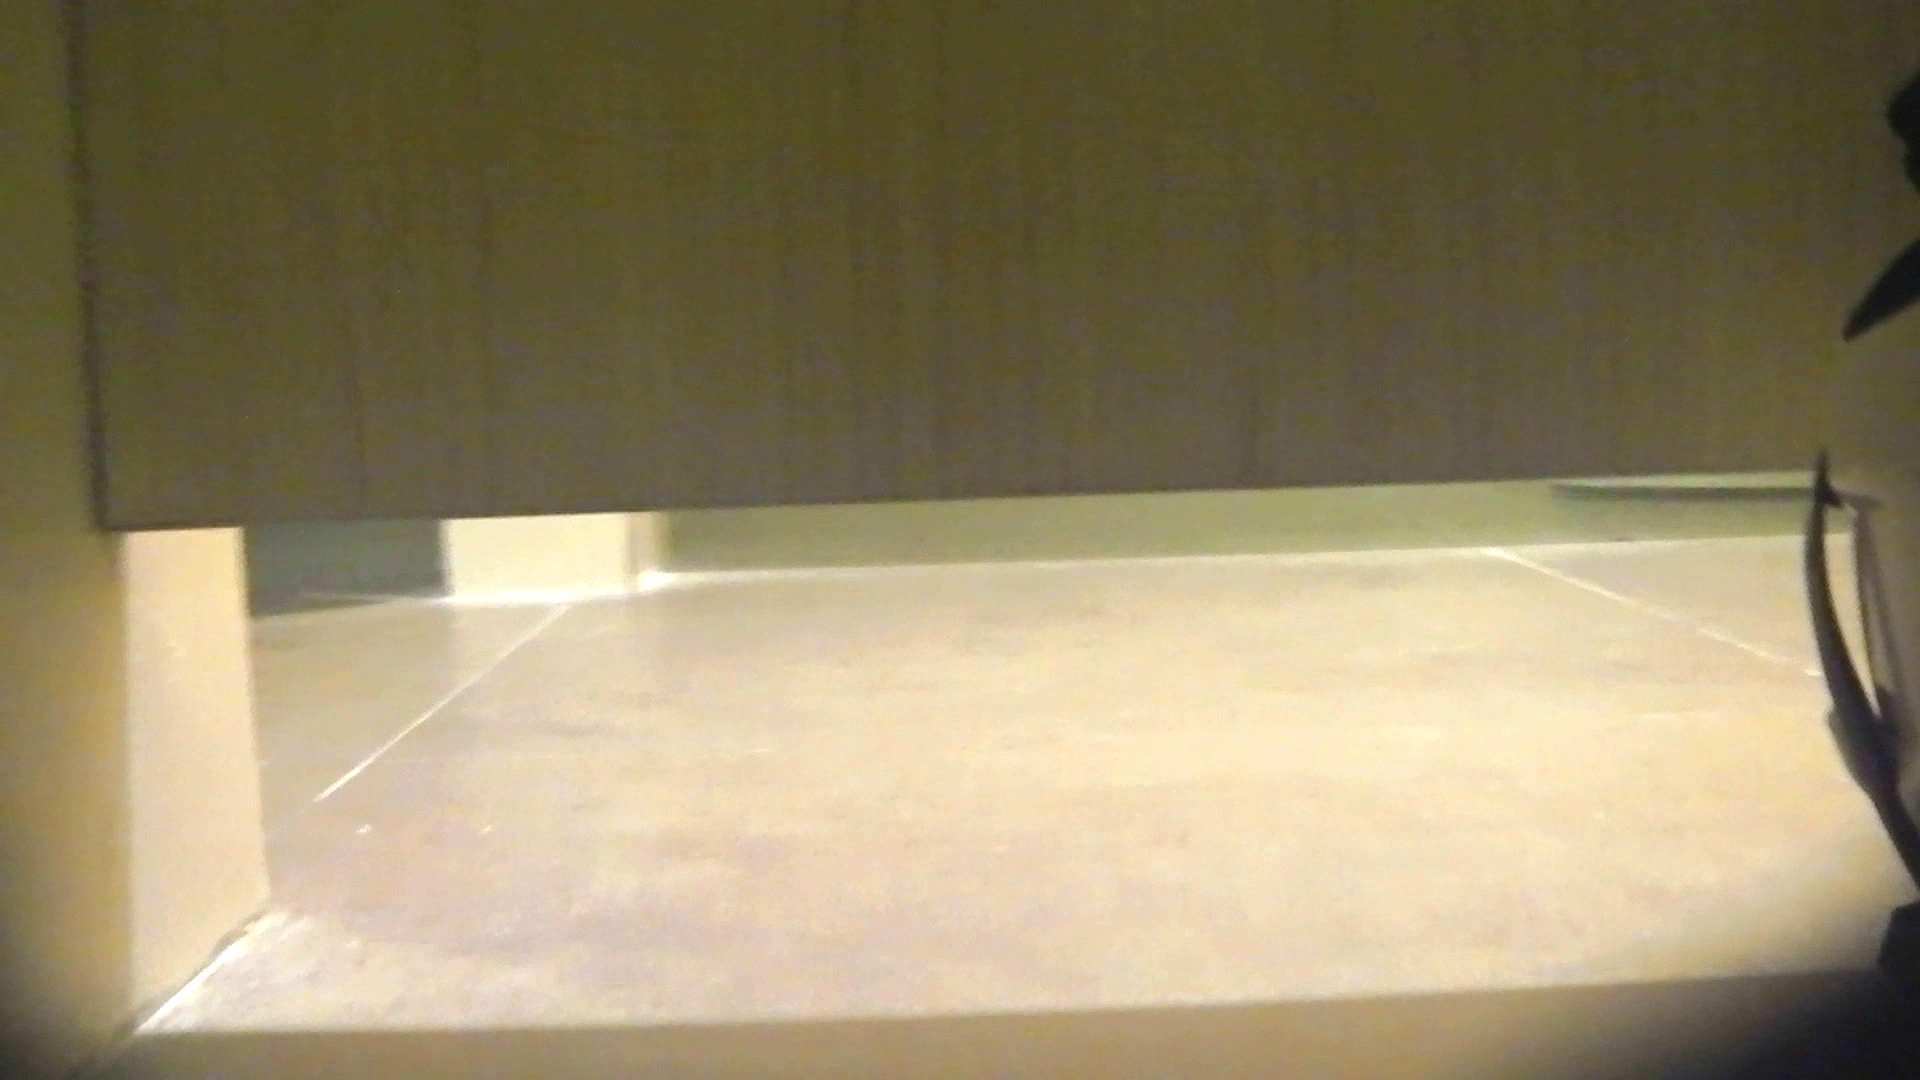 阿国ちゃんの「和式洋式七変化」No.14 洗面所   和式で踏ん張り中  74連発 53